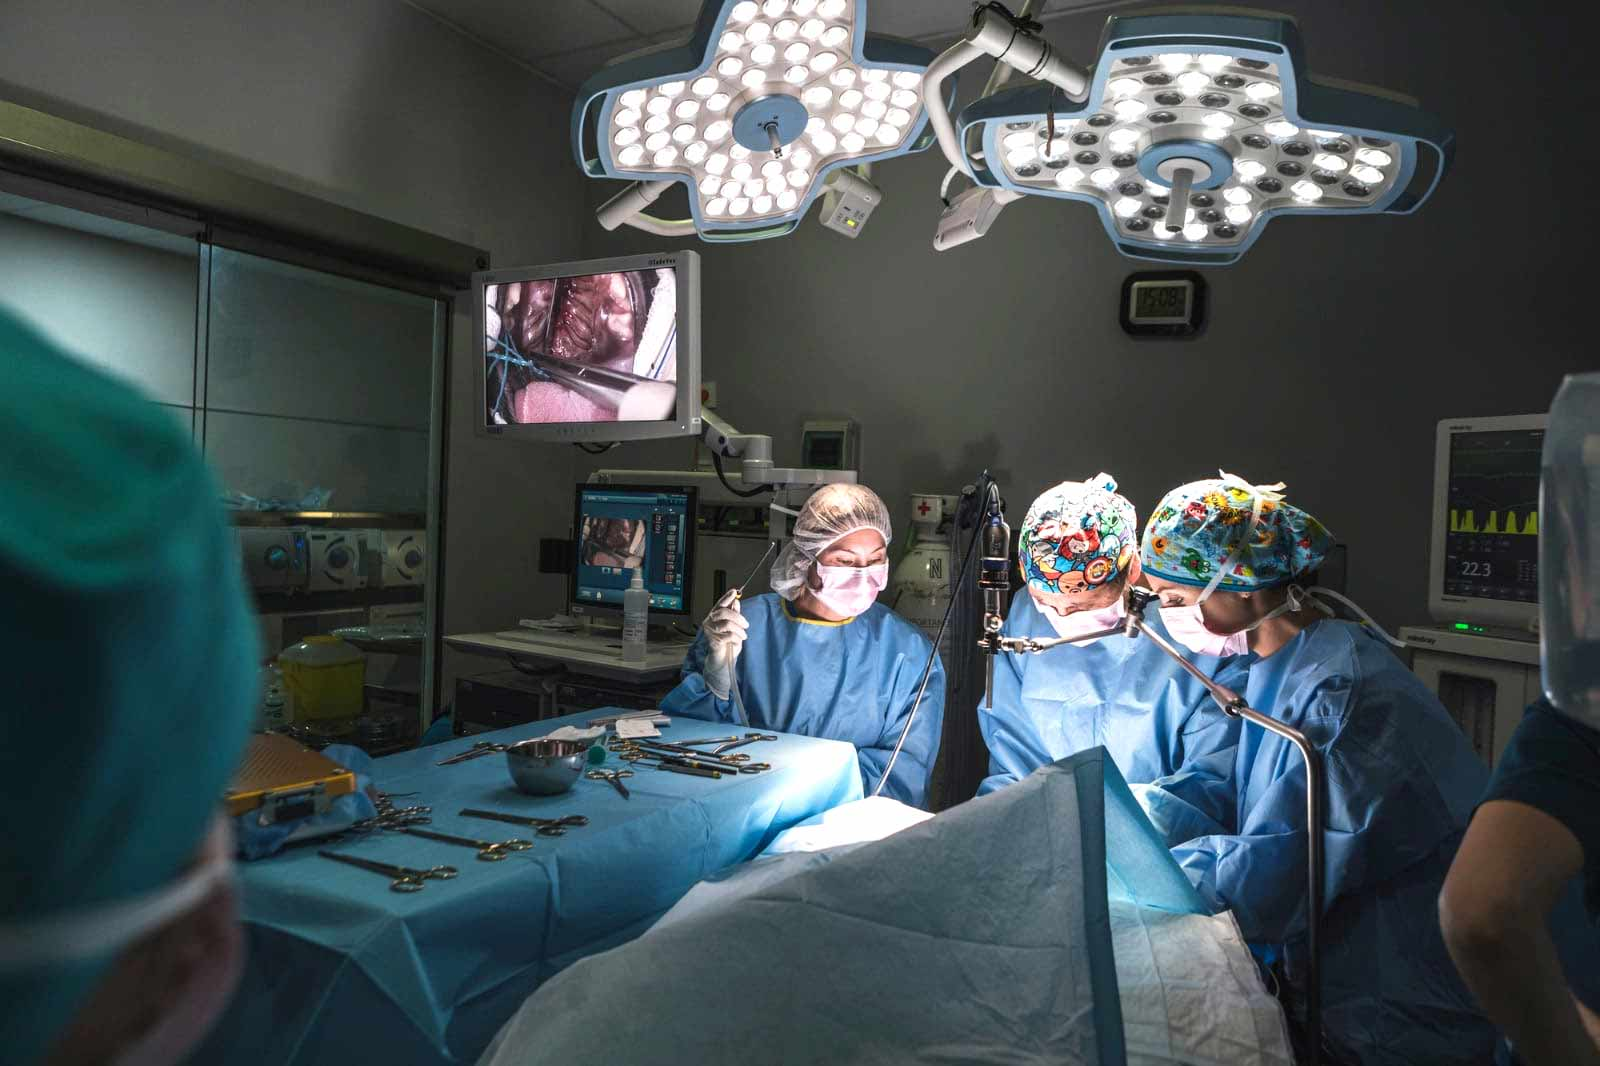 Anicura Hospital Valencia Sur Urgencias veterinarias 24 horas durante los 365 dias del anyo